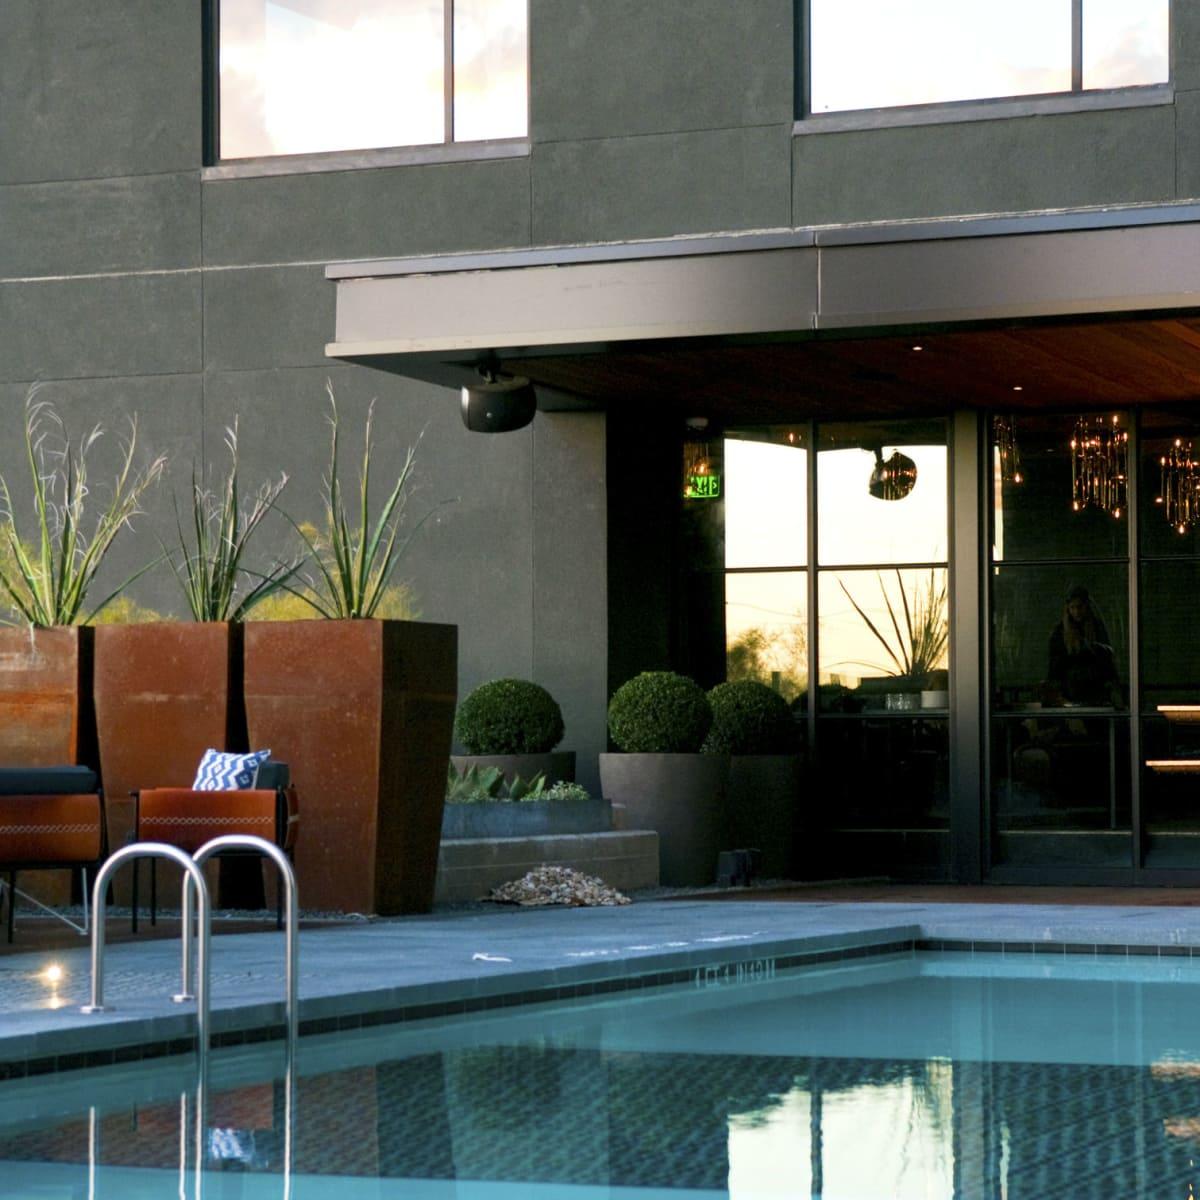 Geraldine's pool